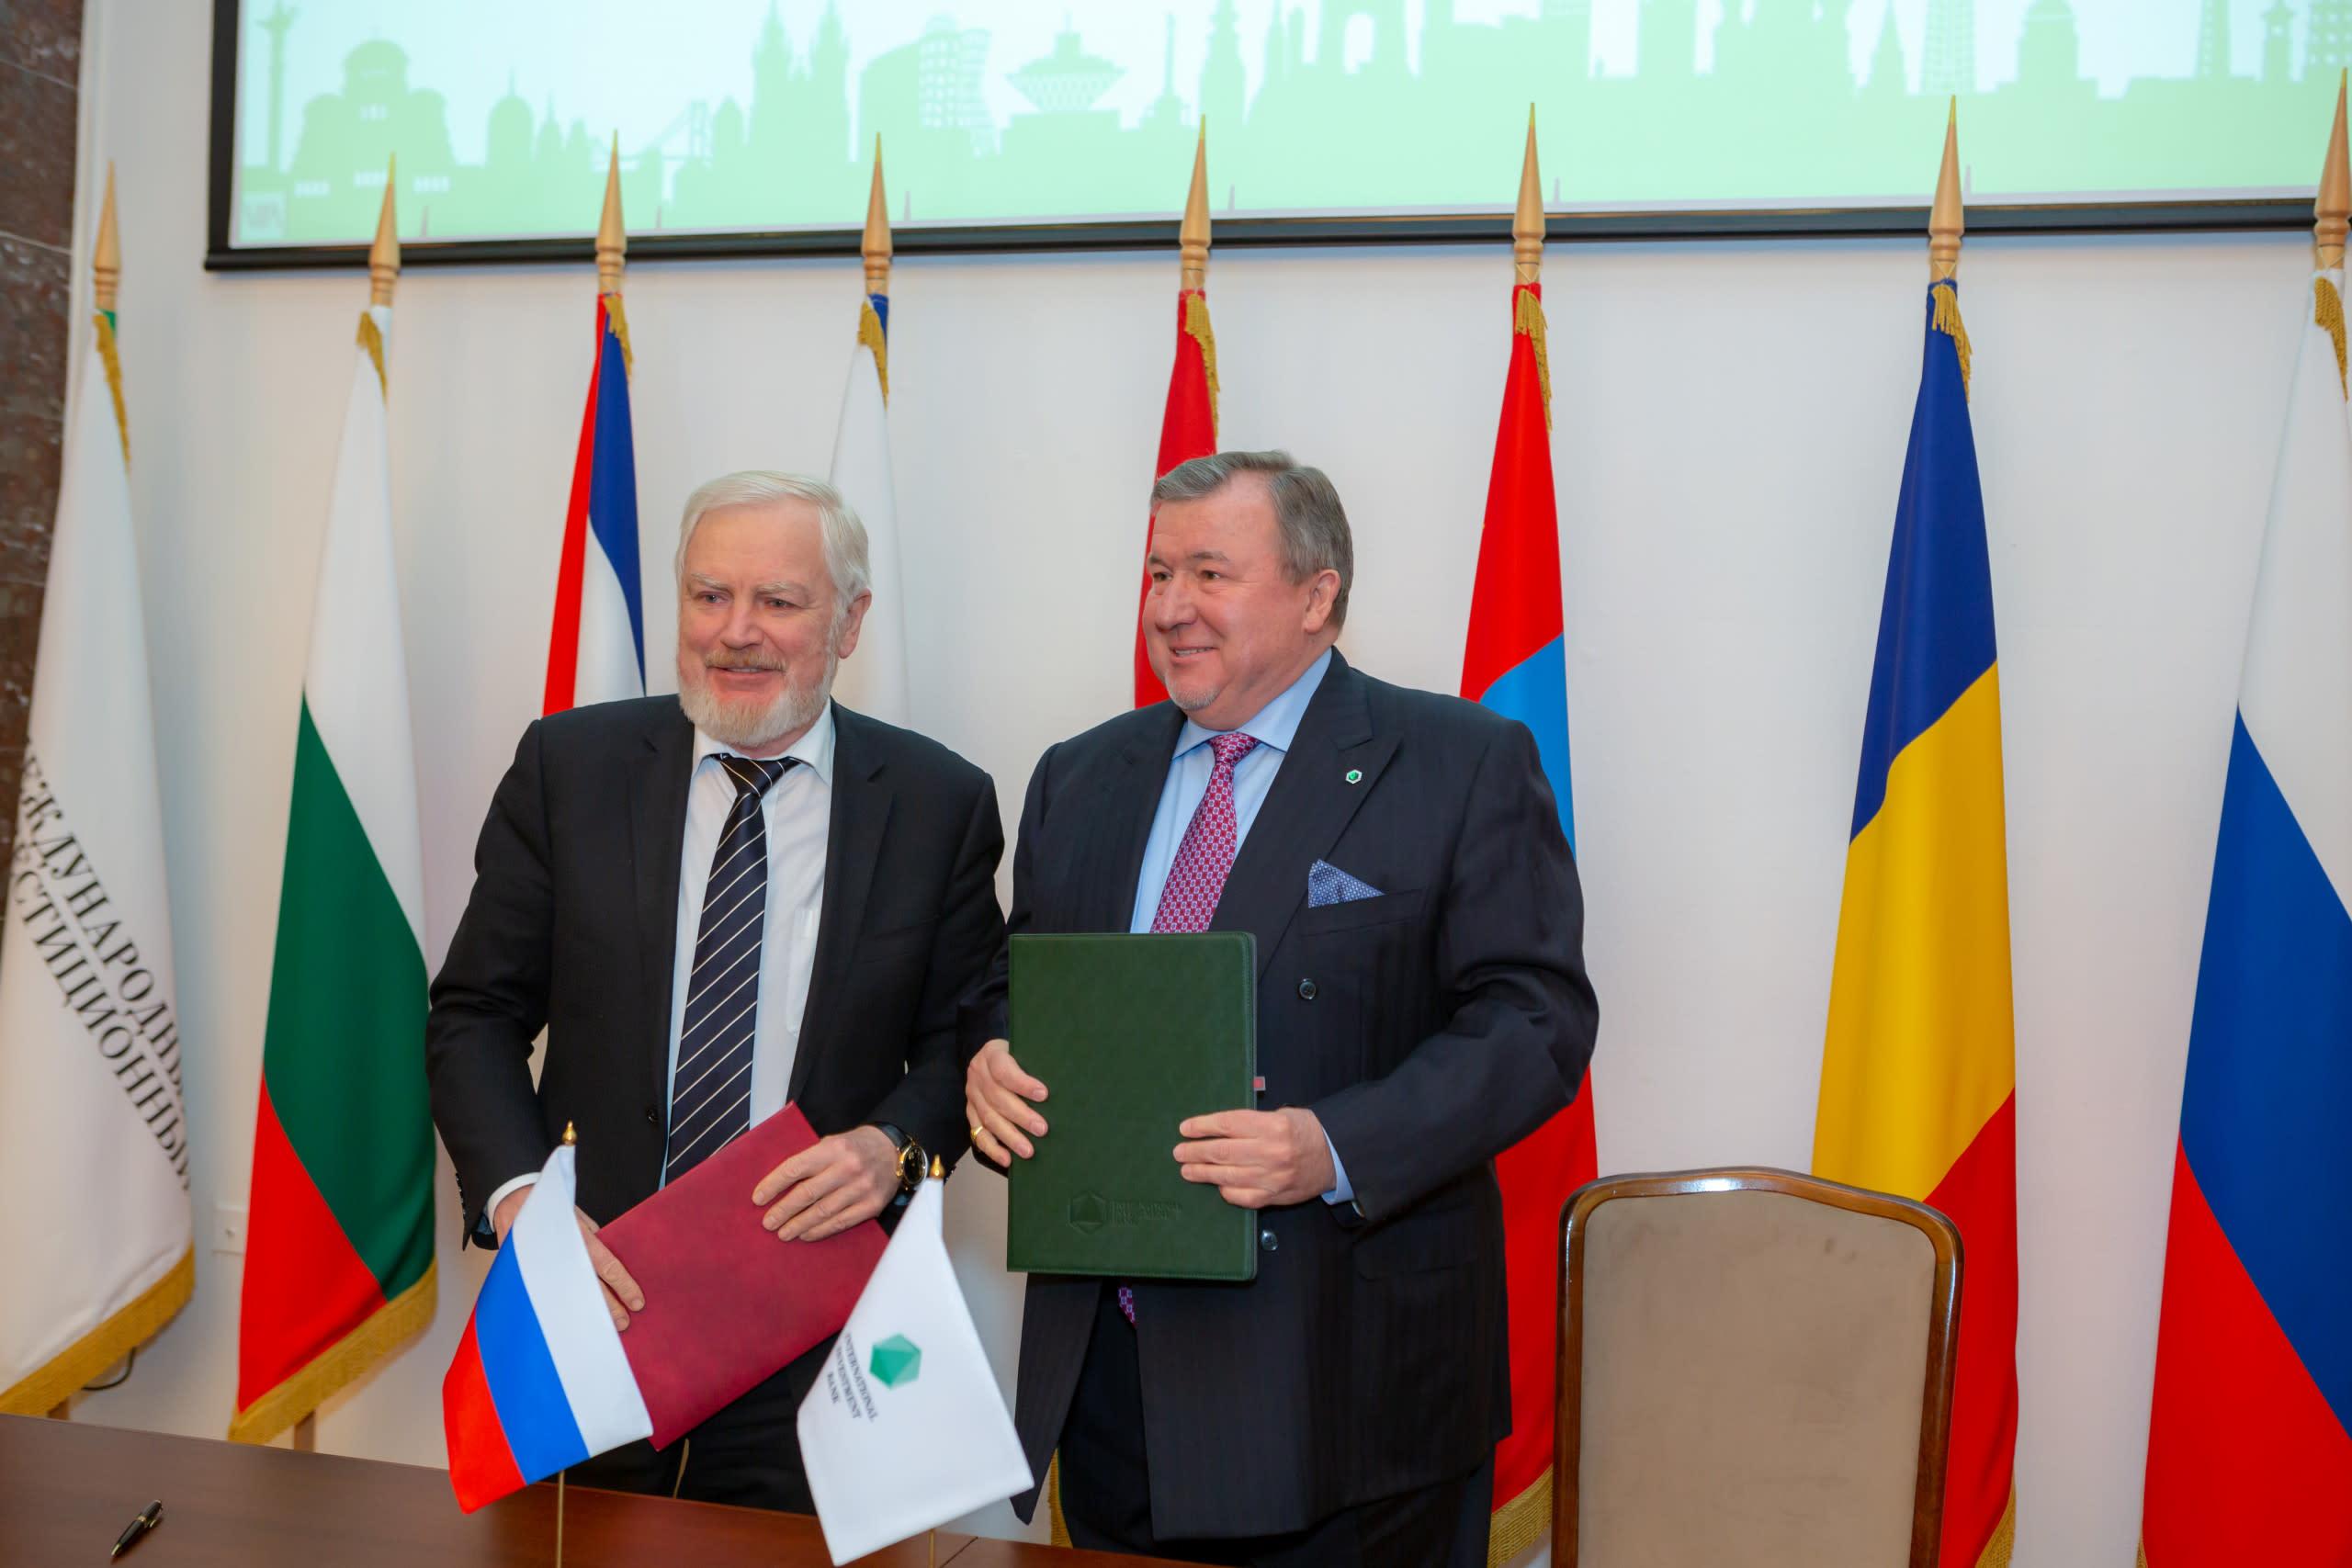 Подписано Соглашение МИБ с Правительством РФ об условиях местопребывания института на территории России, в рамках церемонии прошёл круглый стол о роли институтов развития на современном этапе